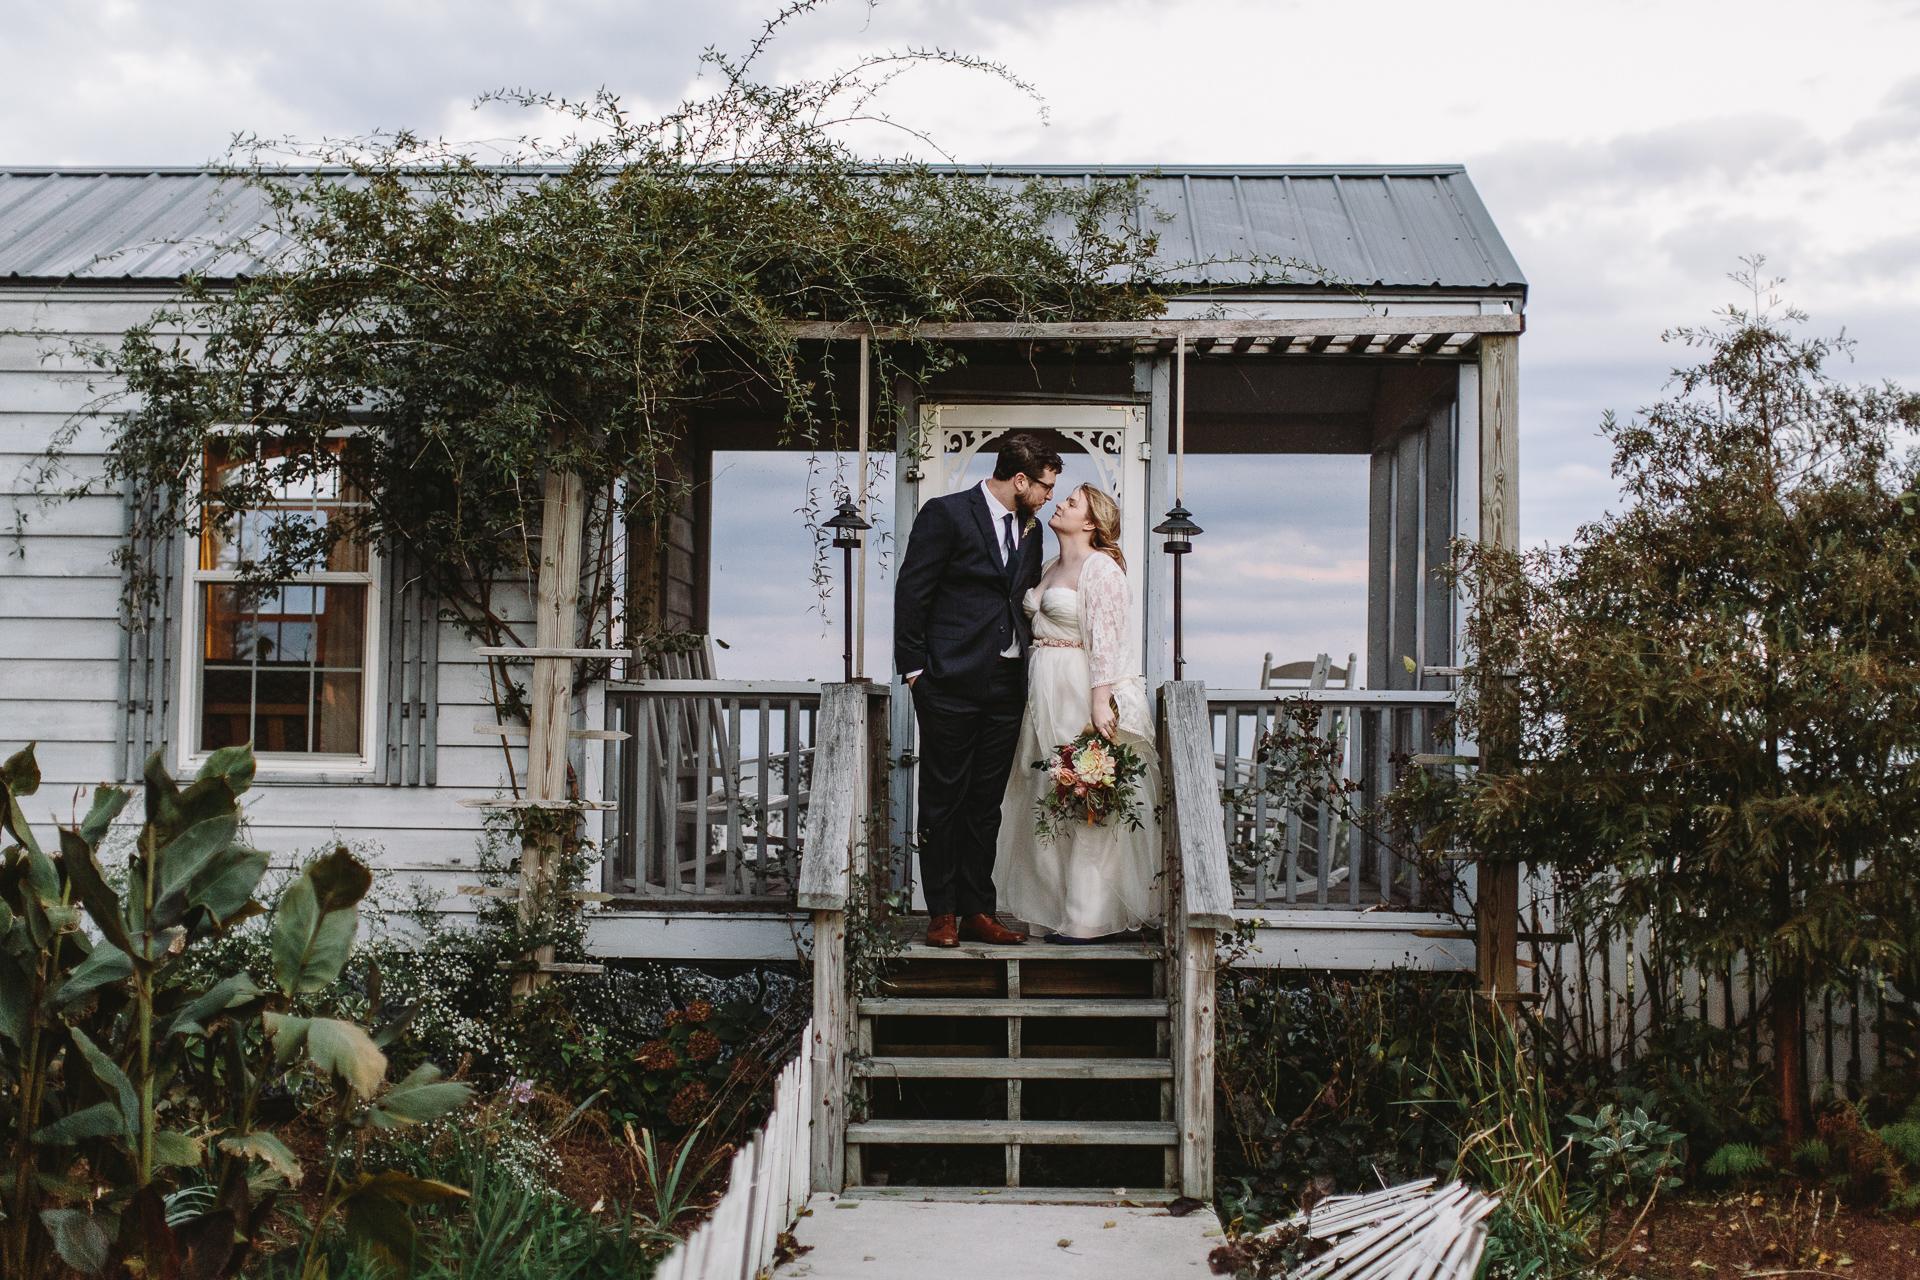 jess-hunter-tilghman-island-wedding-photographer-8461.jpg